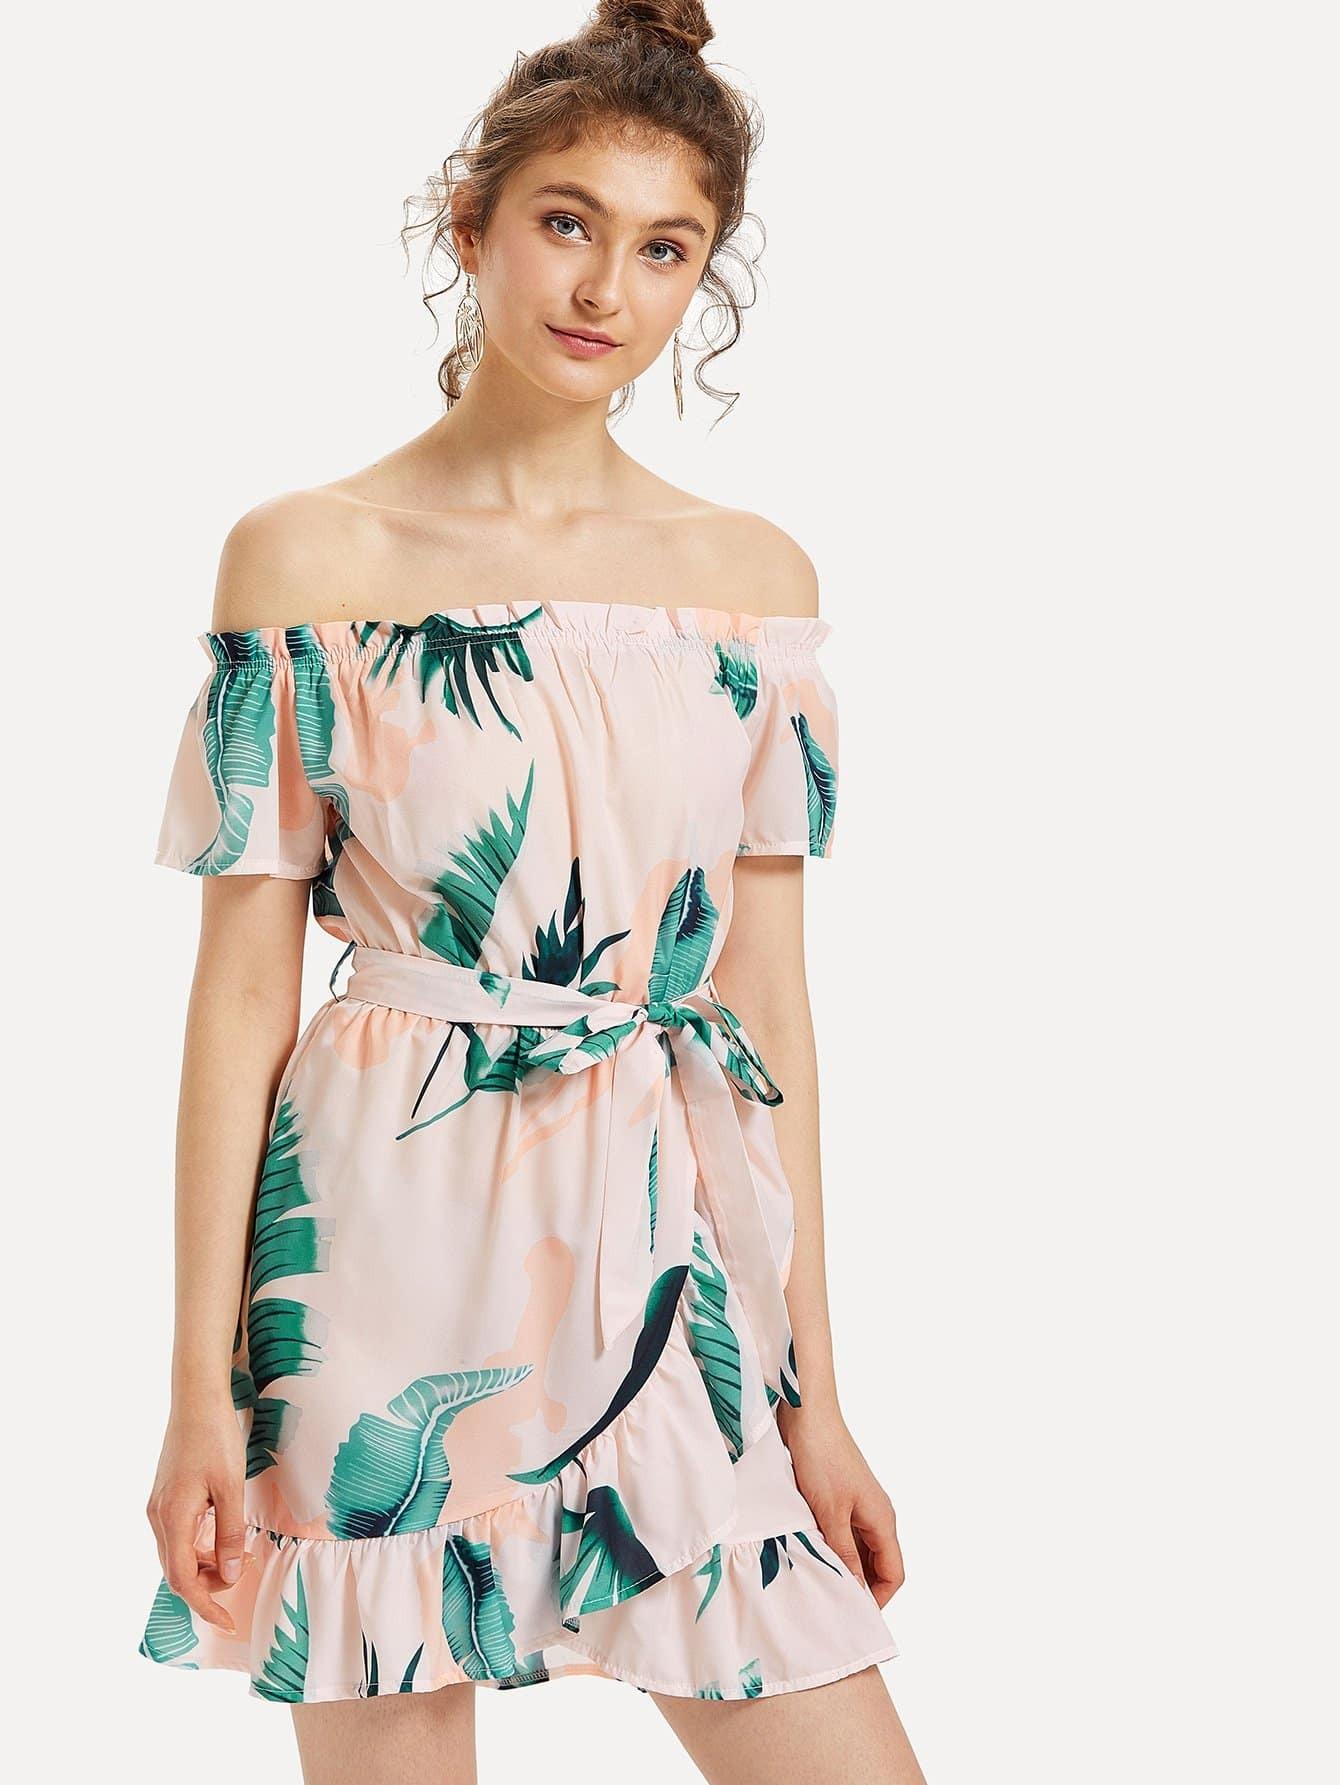 Off-Shoulder Frill Trim Floral Dress sweet off the shoulder floral dress for women